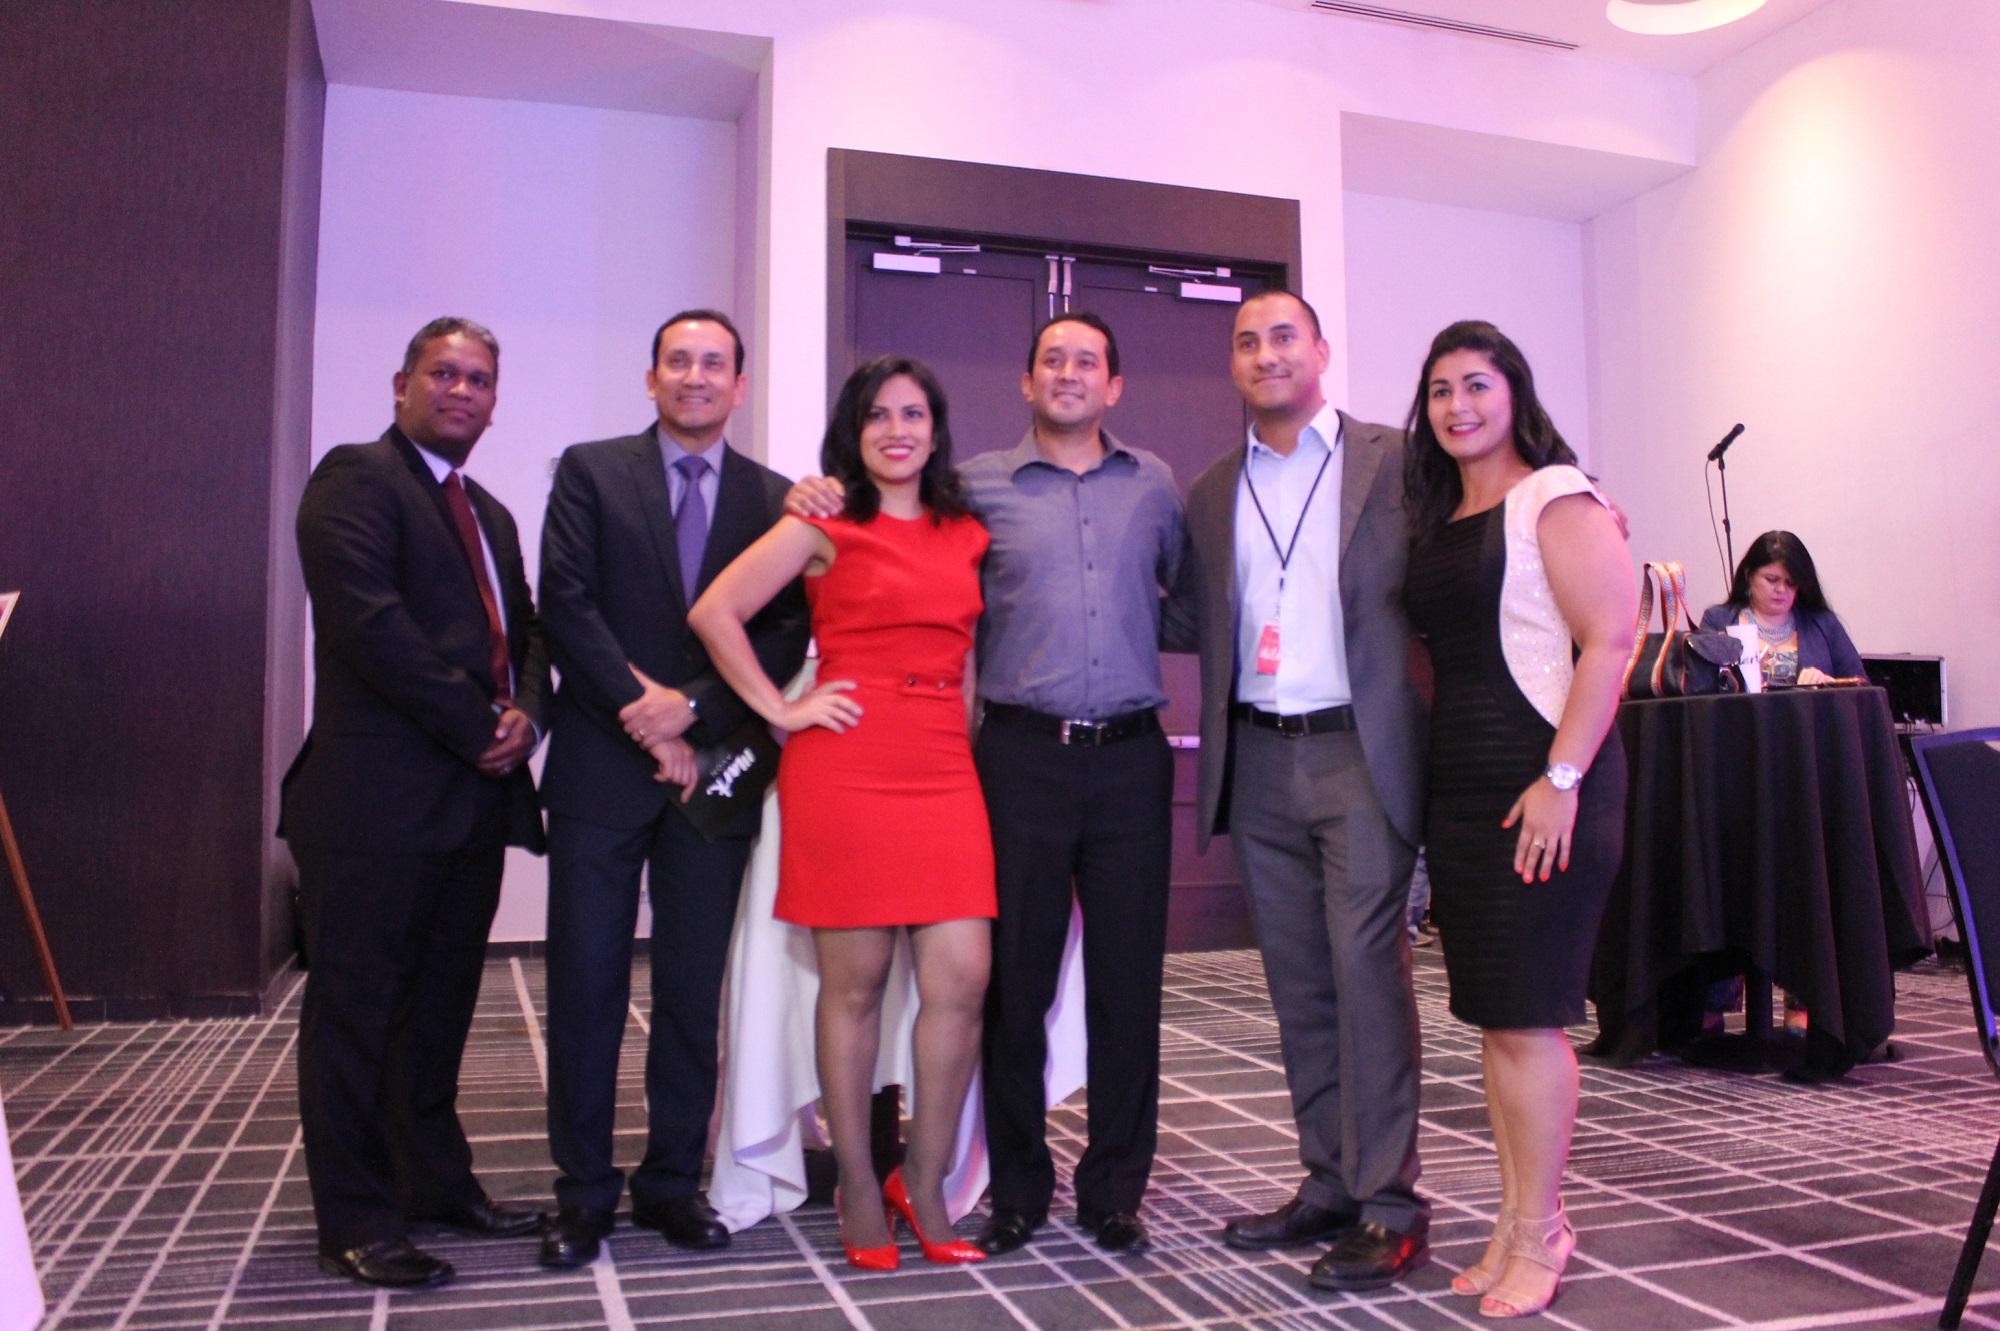 Humberto Rodríguez, Carlos José Recinos, Ethel Gordon, Oscar Masariegos, Frank Quintero y Yariseth Muñoz, equipo directivo de Avon Centroamérica.